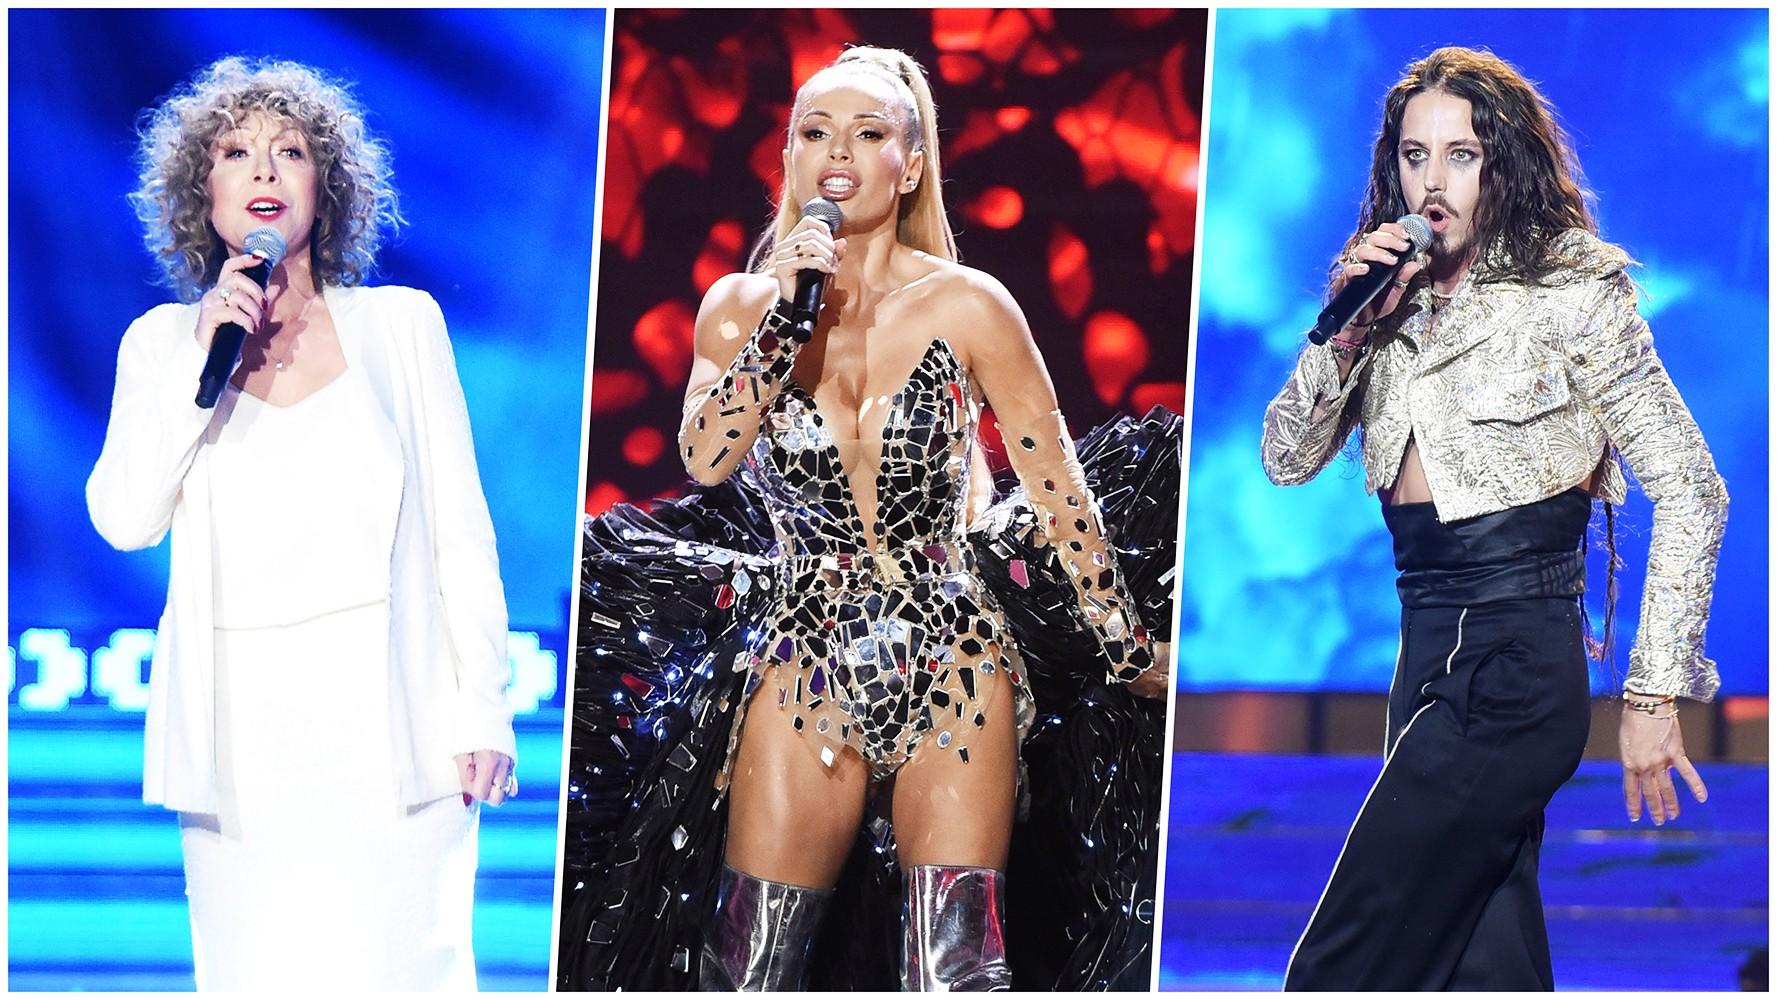 """Występy muzycznych gwiazd w finale """"Dancing with the Stars"""""""